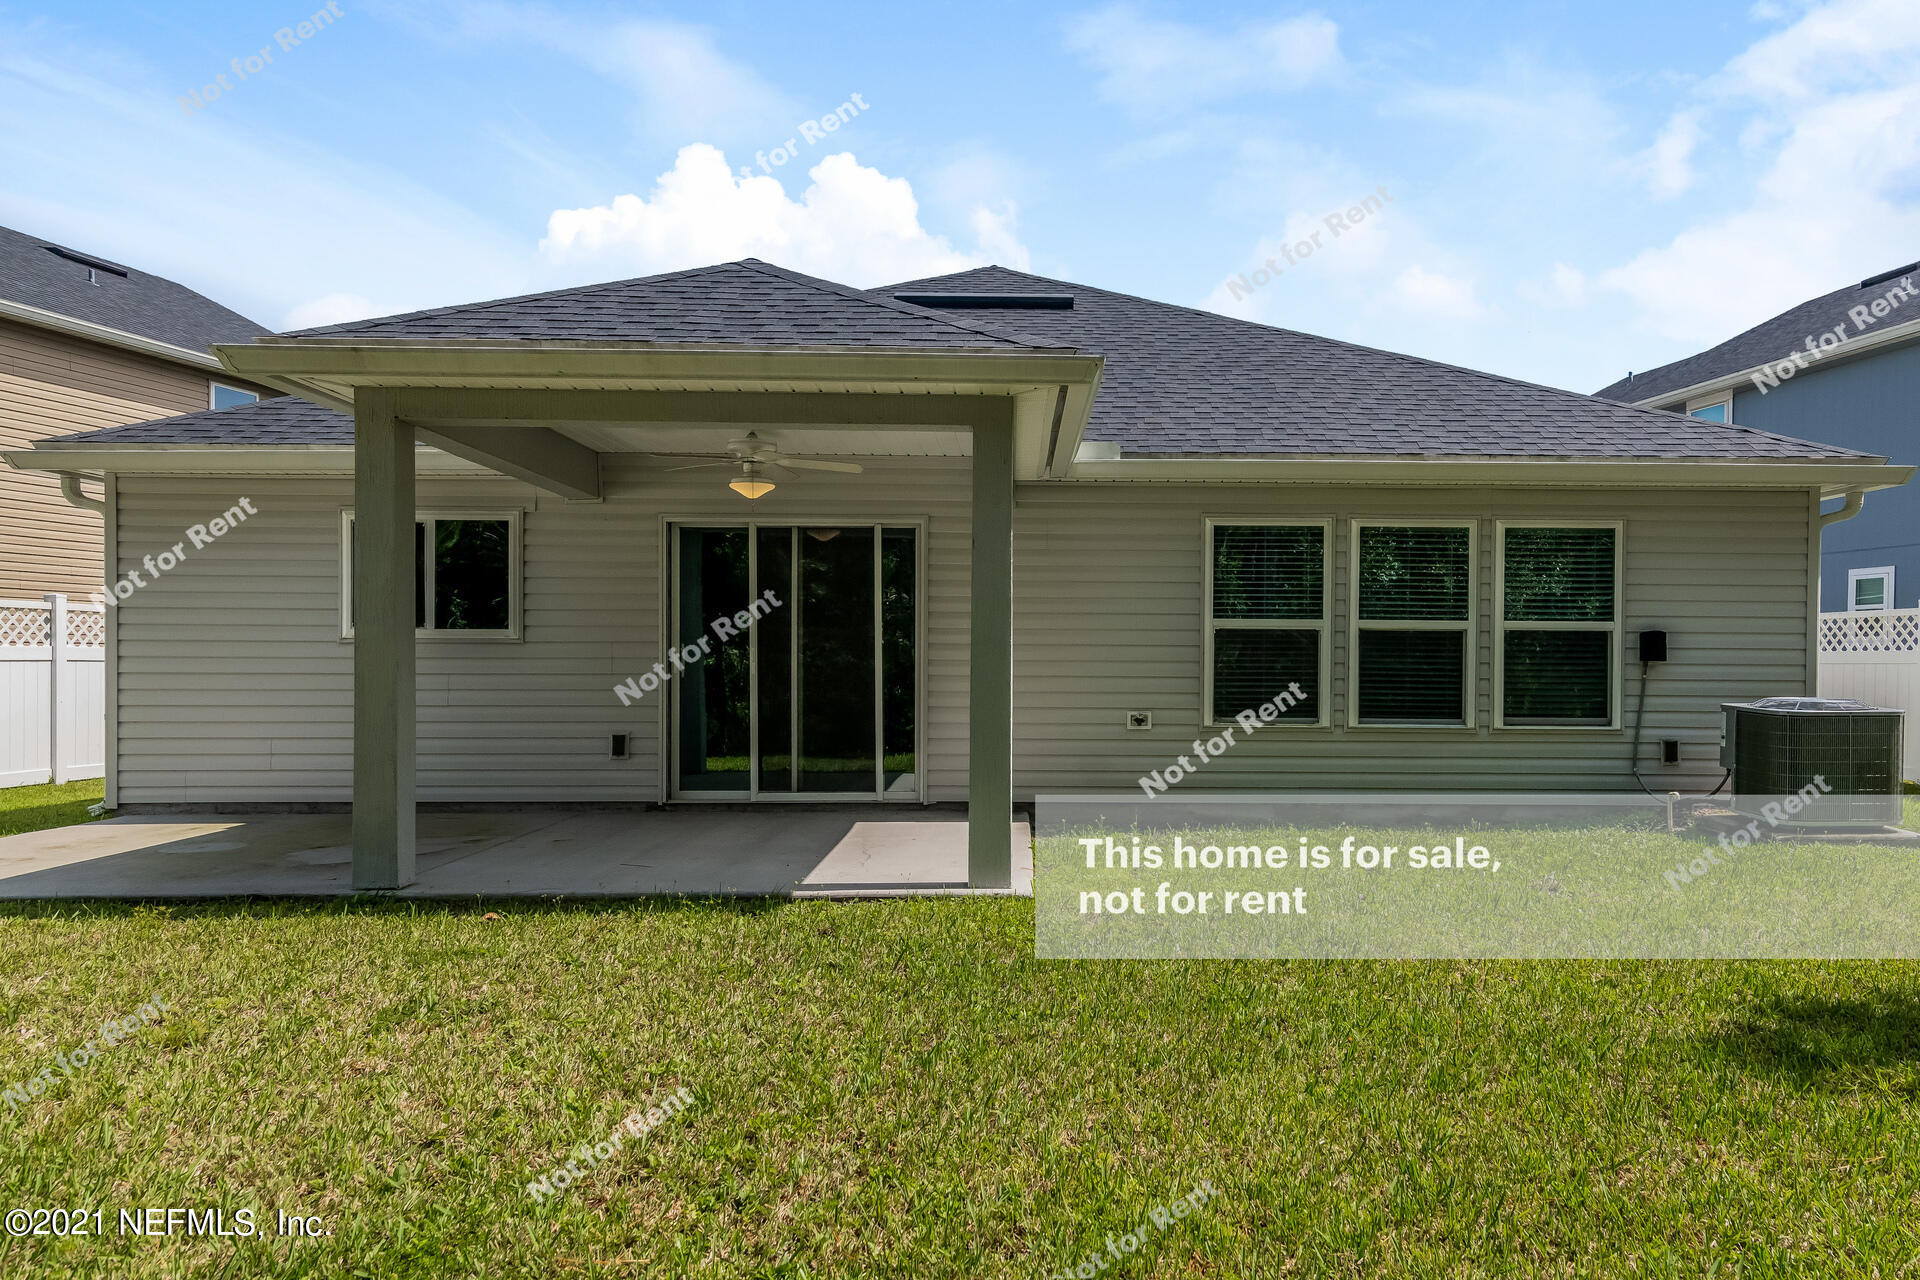 412 HEPBURN, ORANGE PARK, FLORIDA 32065, 3 Bedrooms Bedrooms, ,2 BathroomsBathrooms,Residential,For sale,HEPBURN,1130685